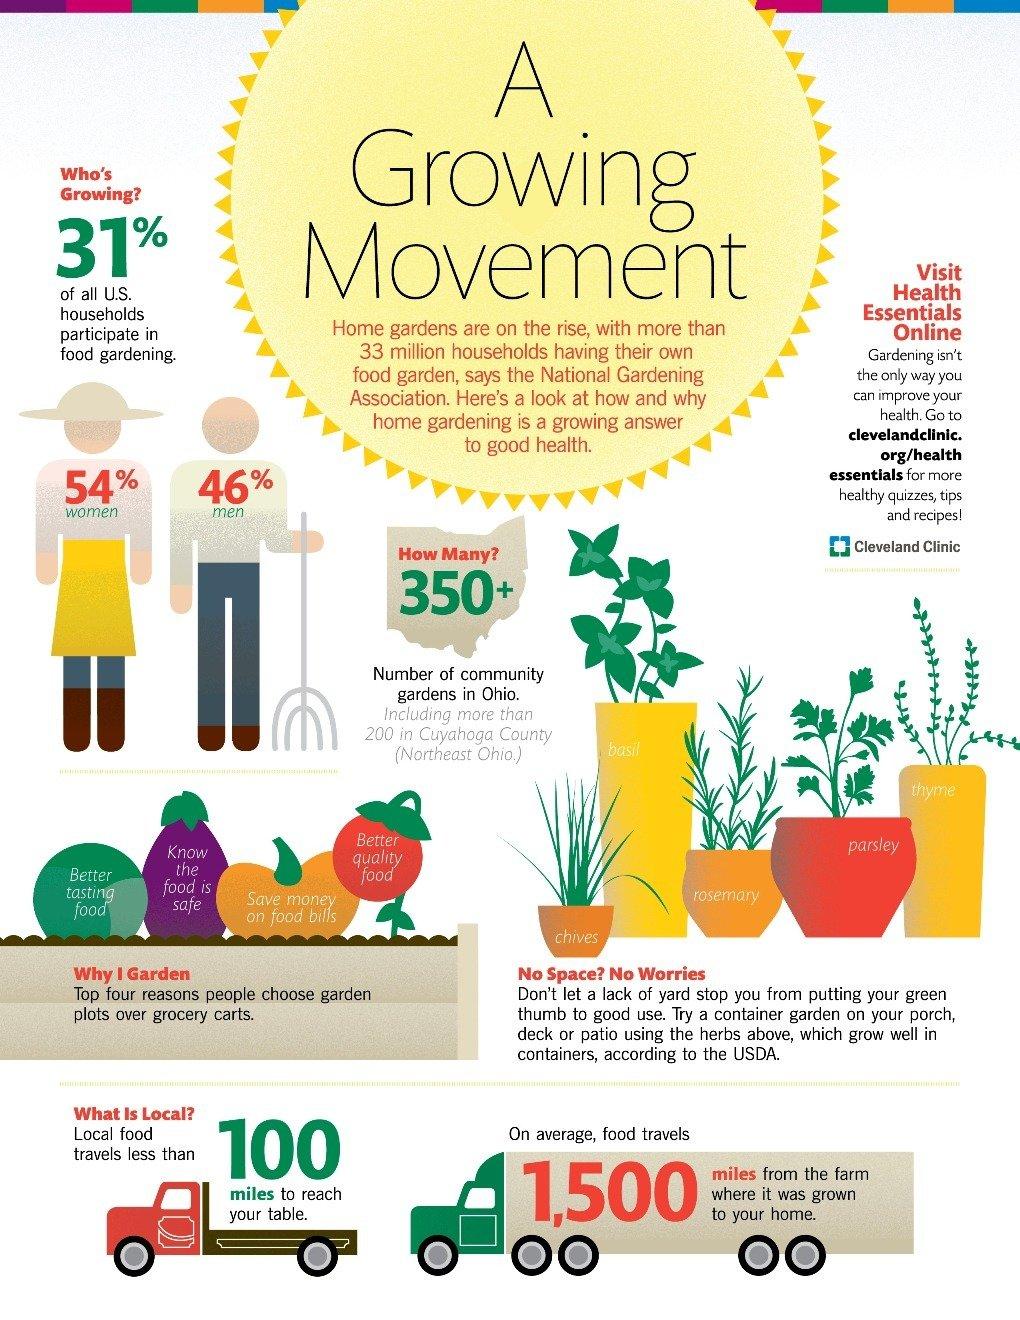 growing trend of home gardening